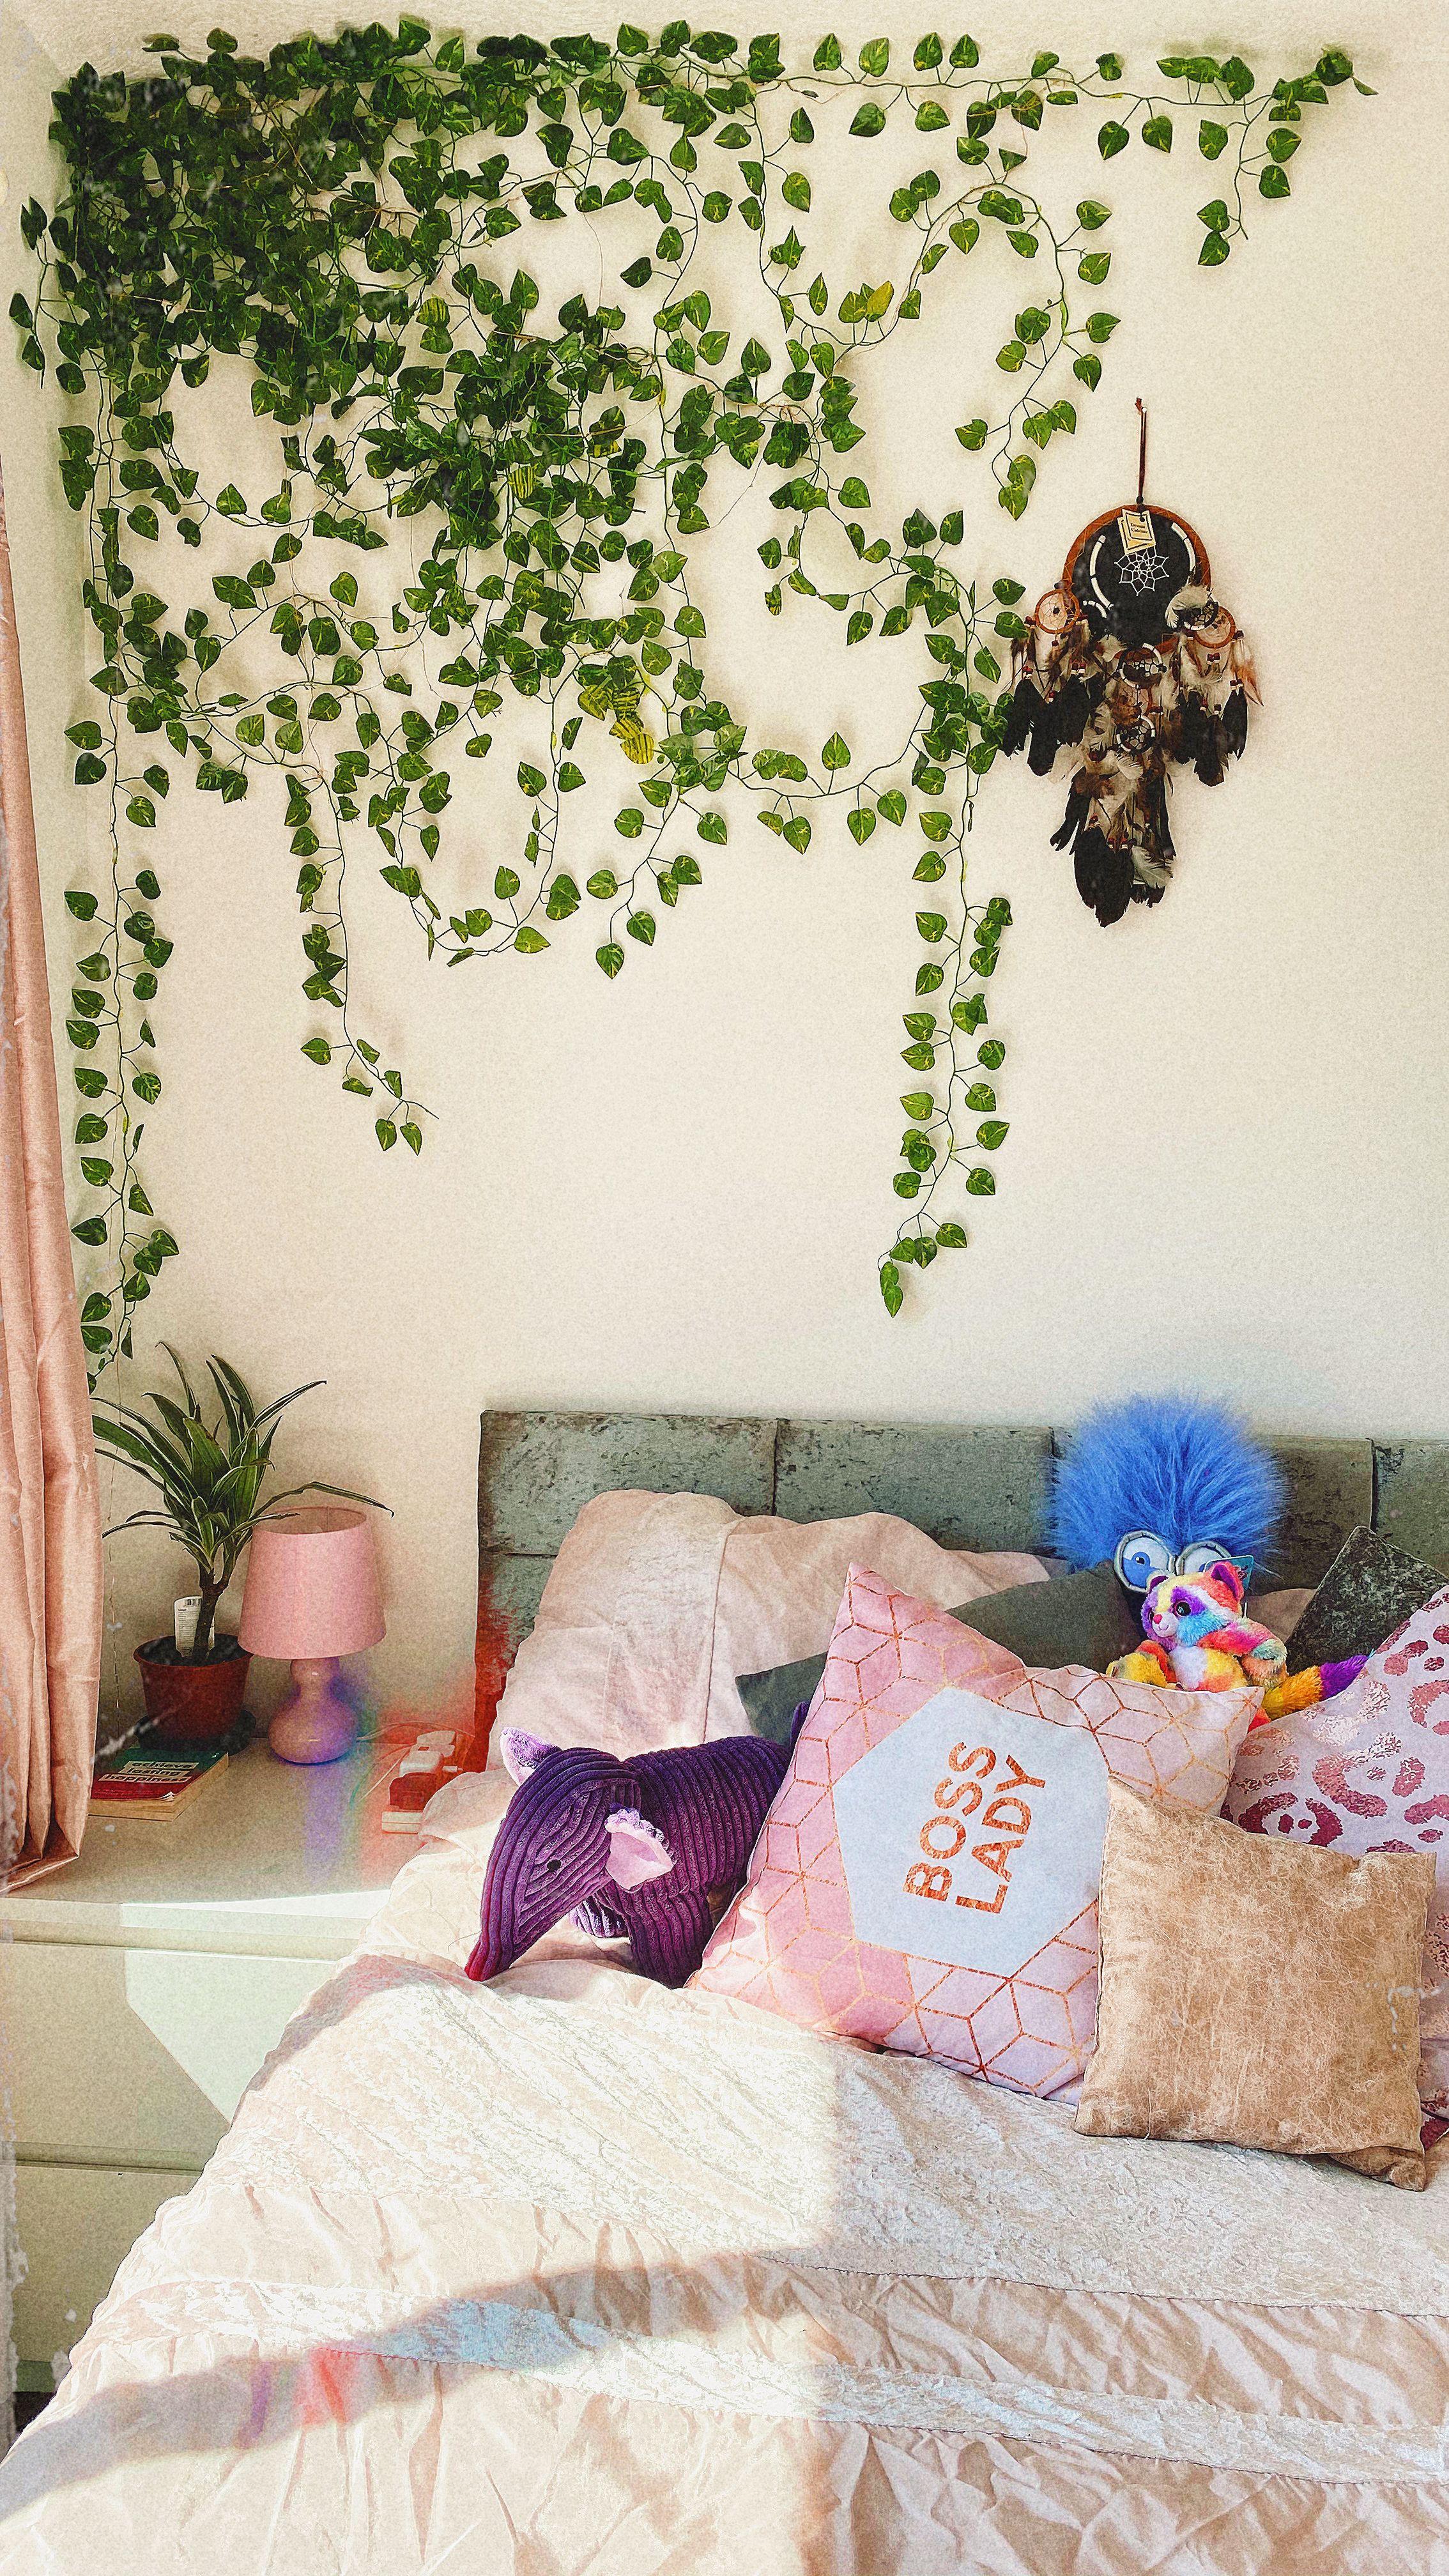 Ivy Wall Room Inspiration Bedroom Room Ideas Bedroom Room Decor